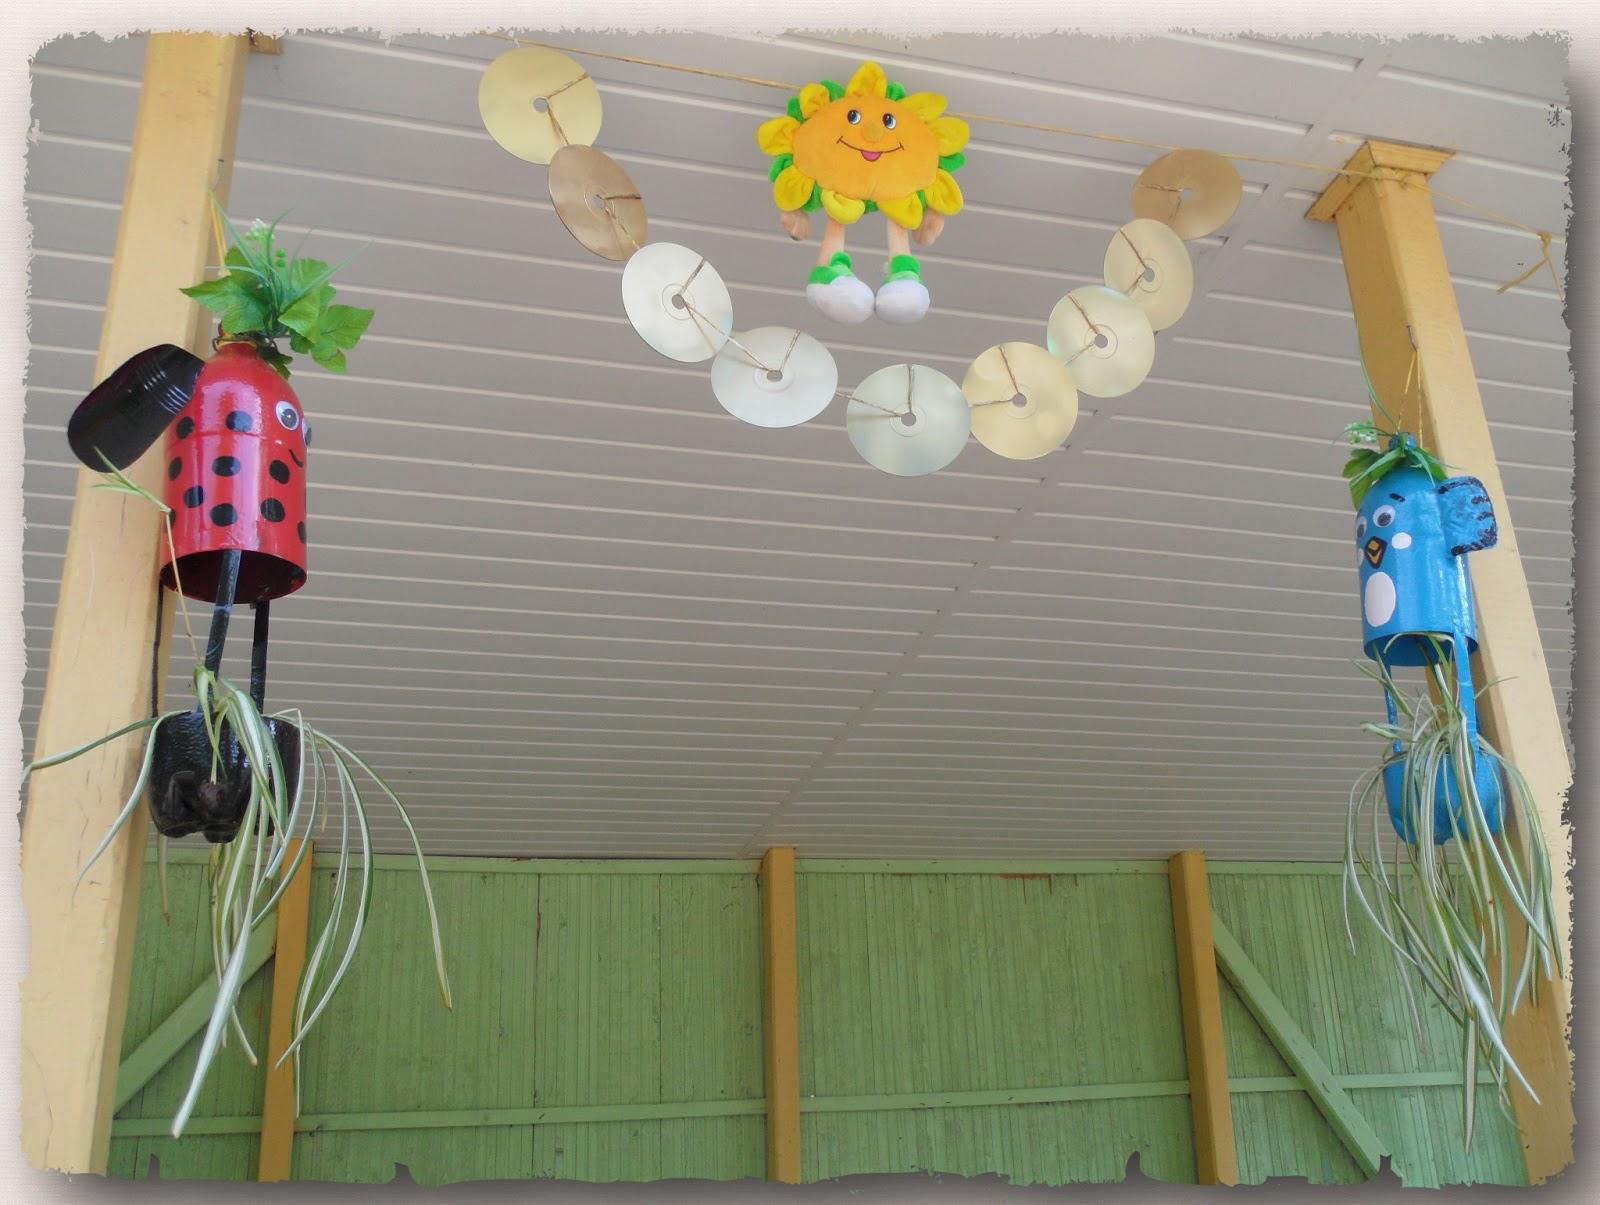 Украшения для веранды детского сада своими руками